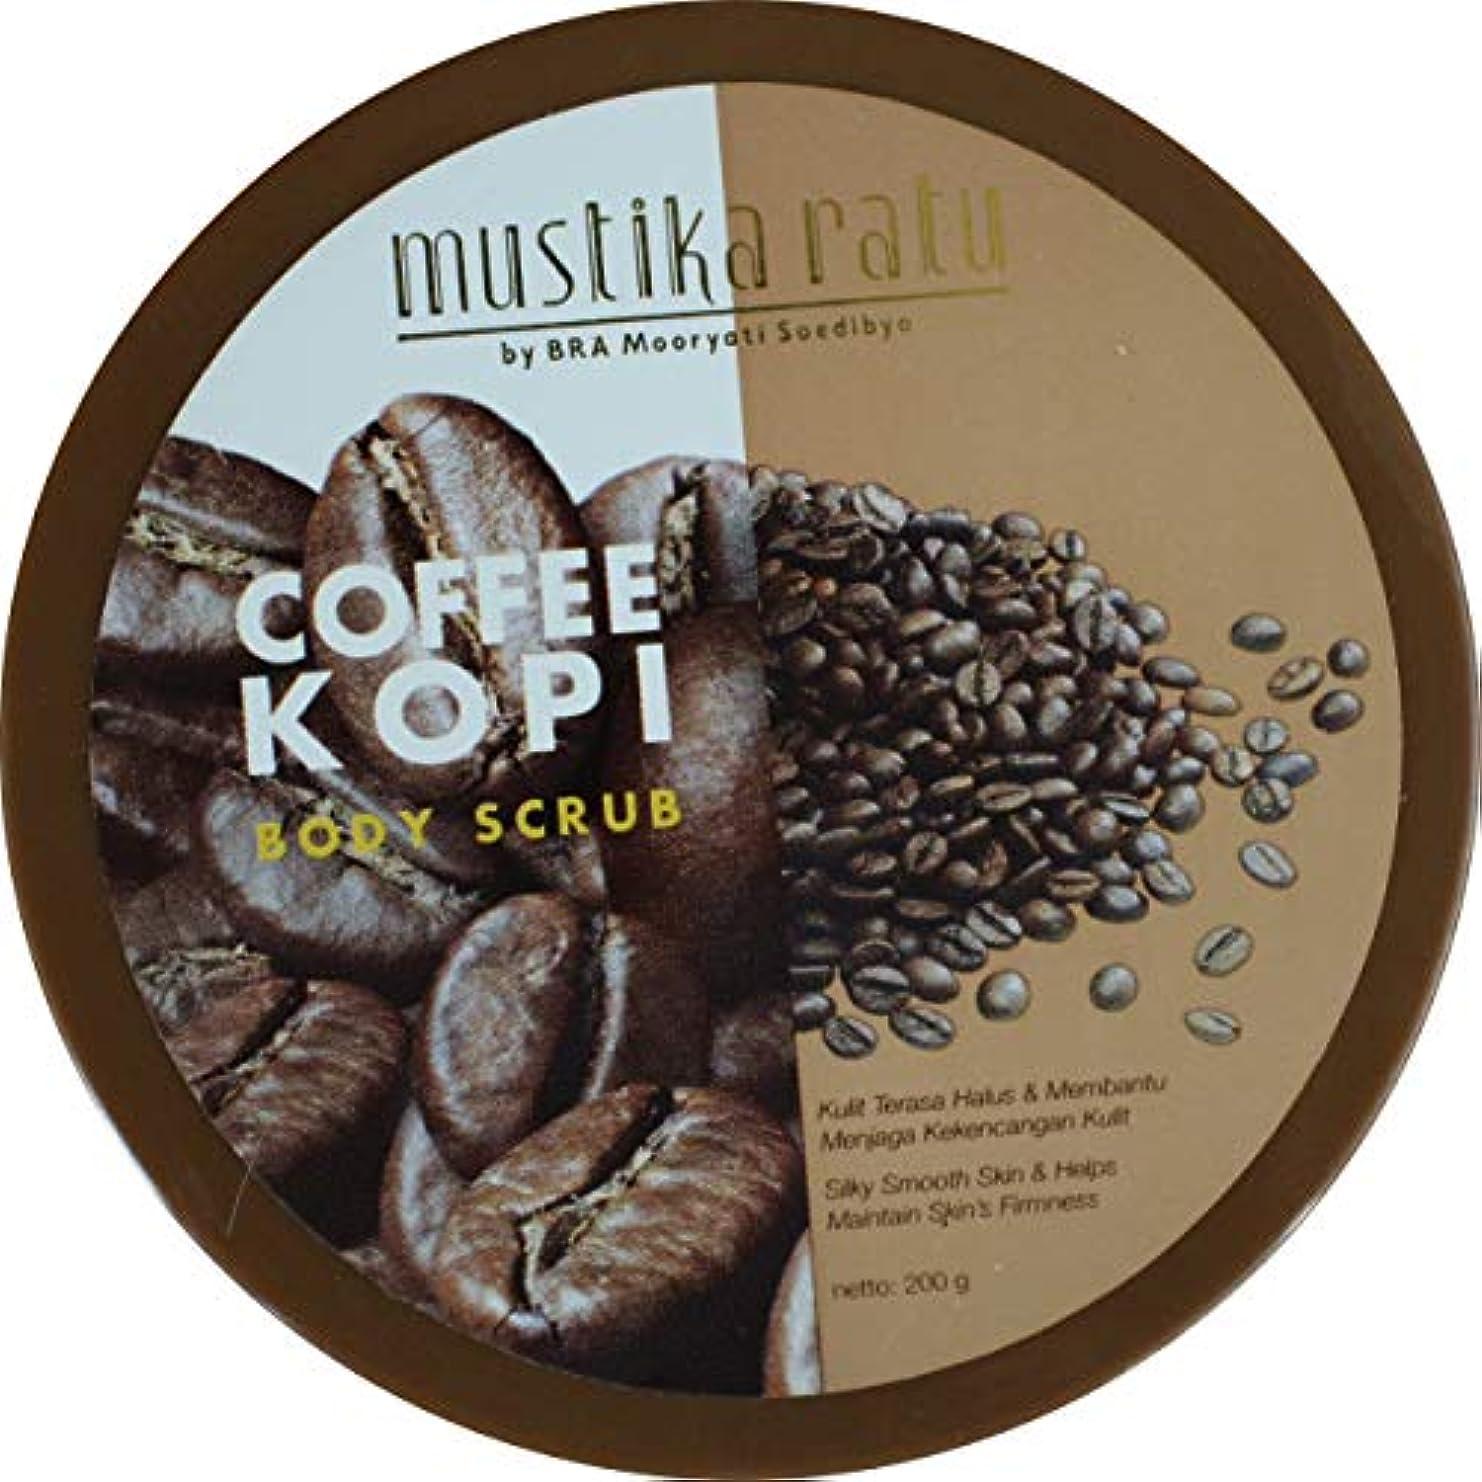 自殺希少性上にMustika Ratu インドネシア200グラム単位でのコーヒーボディスクラップ